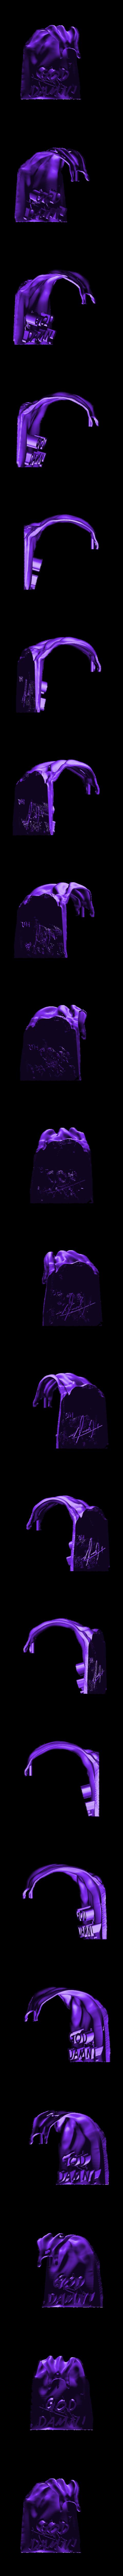 Noob Noob Cape Stand.stl Download free STL file Noob Noob // Vindicators 3: The Return of Worldender • 3D printer model, derailed